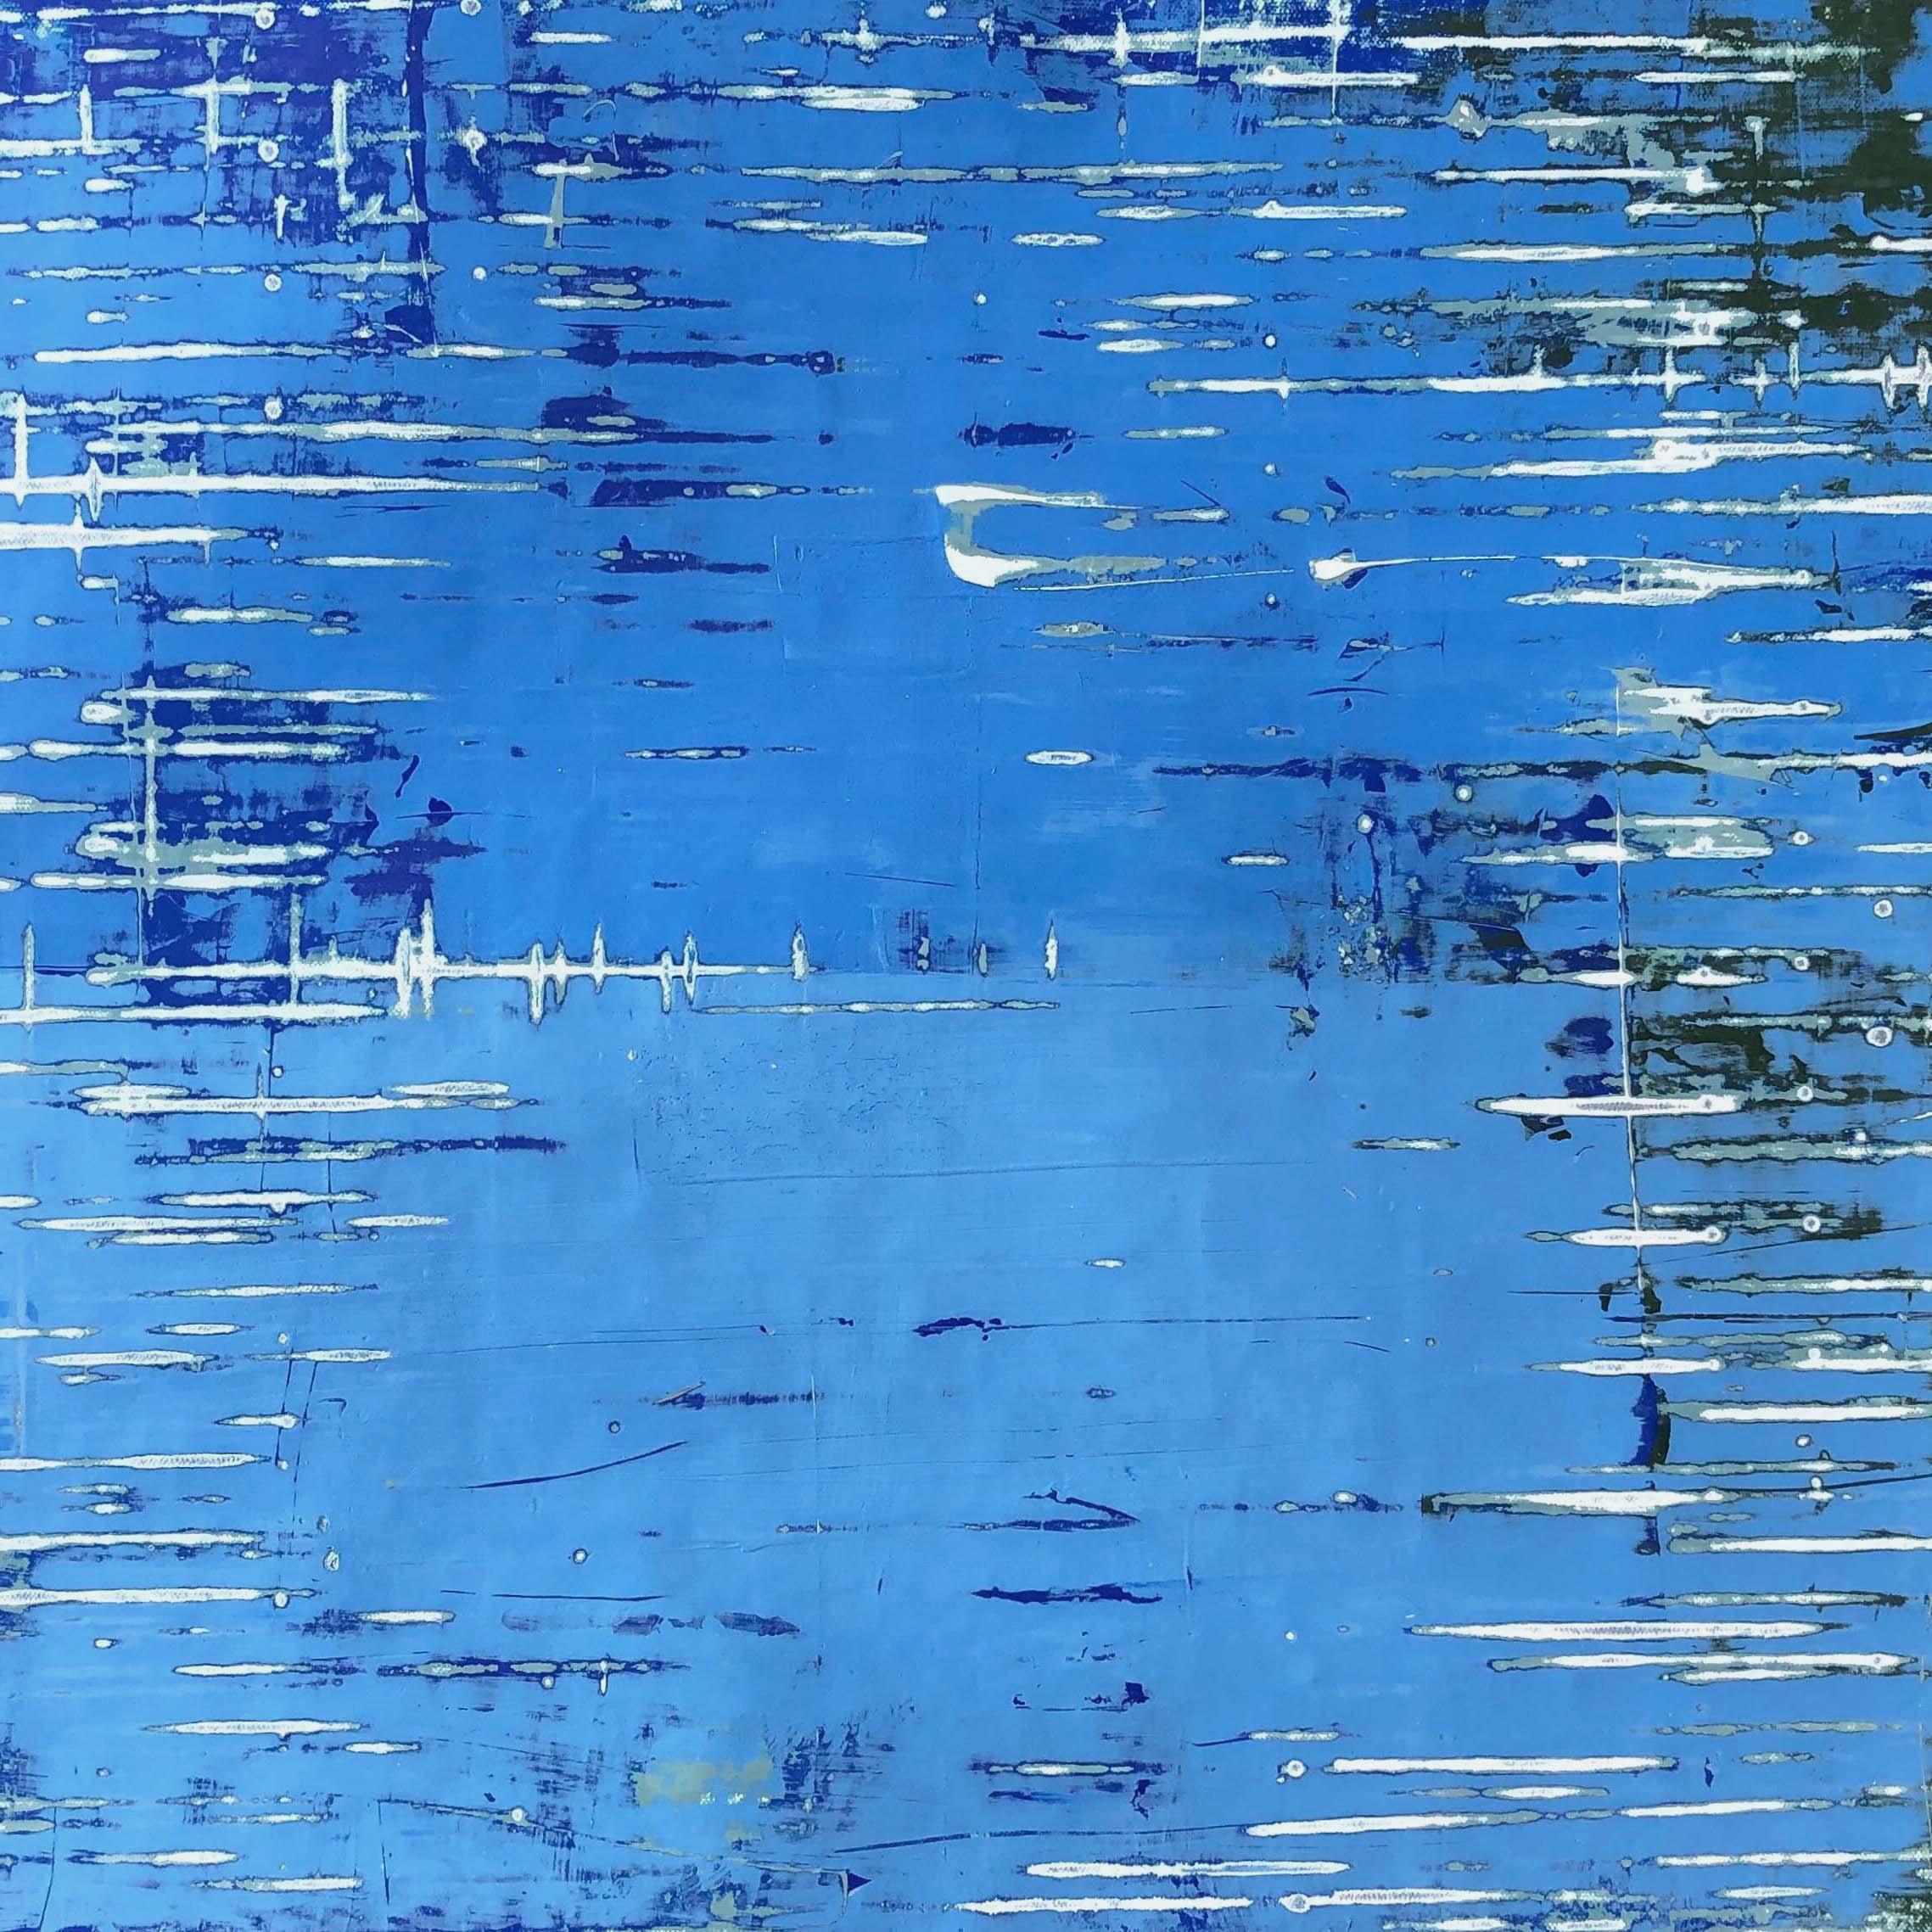 Post-Minimalist Paintings